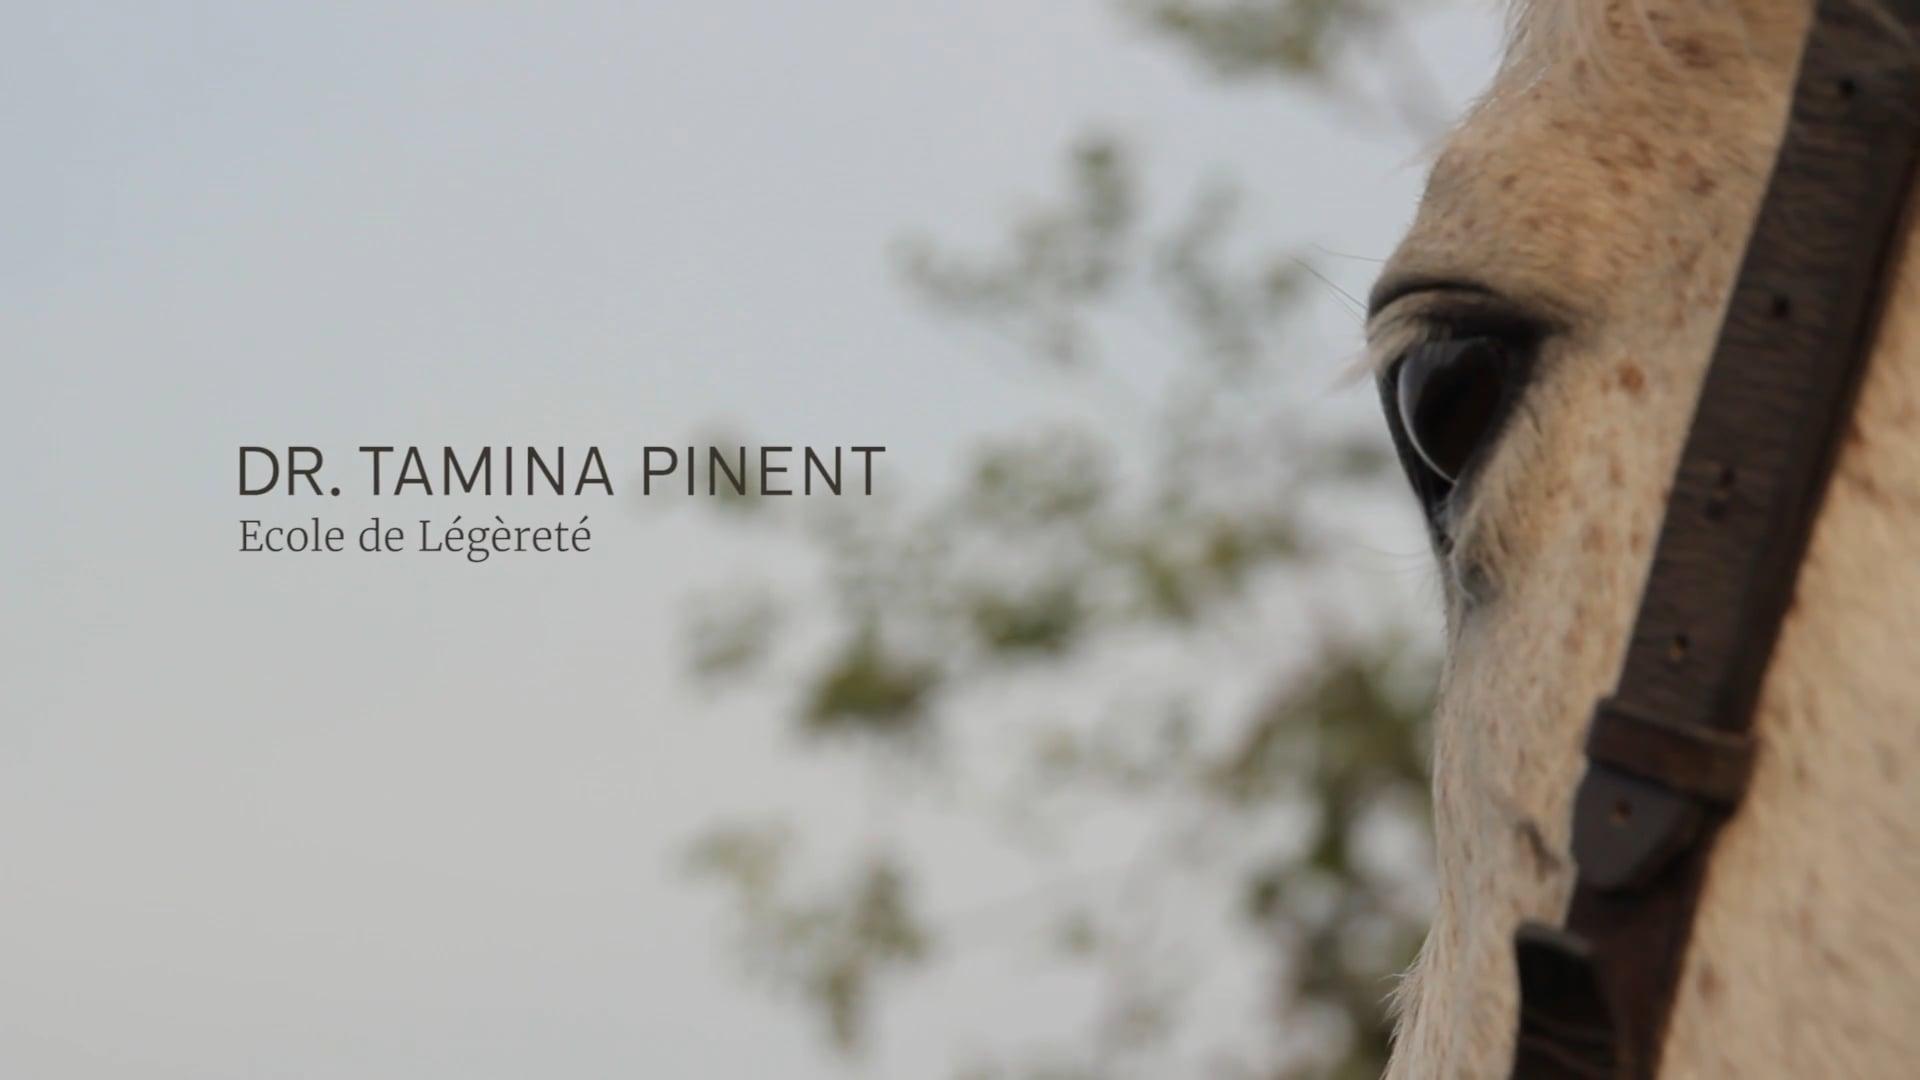 Reithaus: Tamina Pinent - École de Légèreté